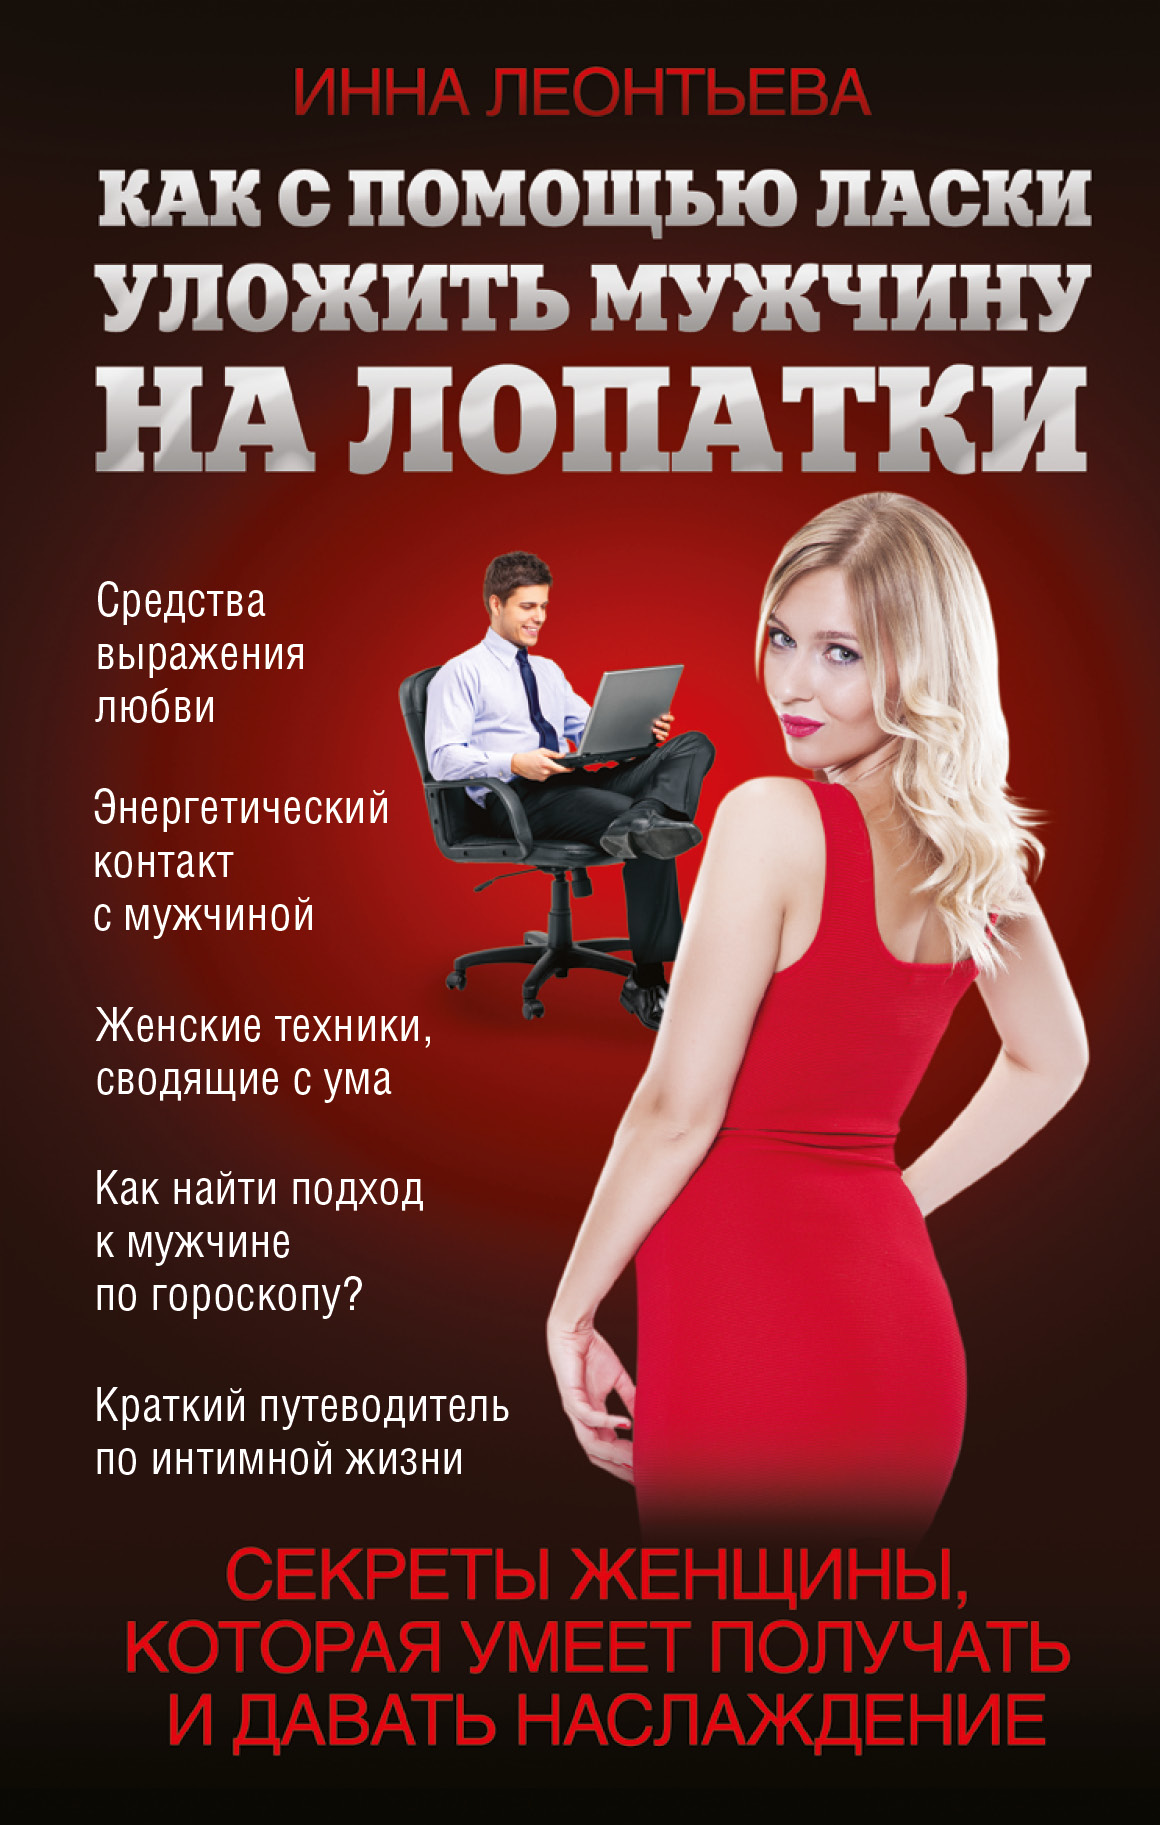 И. Леонтьева Как с помощью ласки уложить мужчину на лопатки леонтьева инна русскийпикап как с помощью ласки уложить мужчину на лопатки